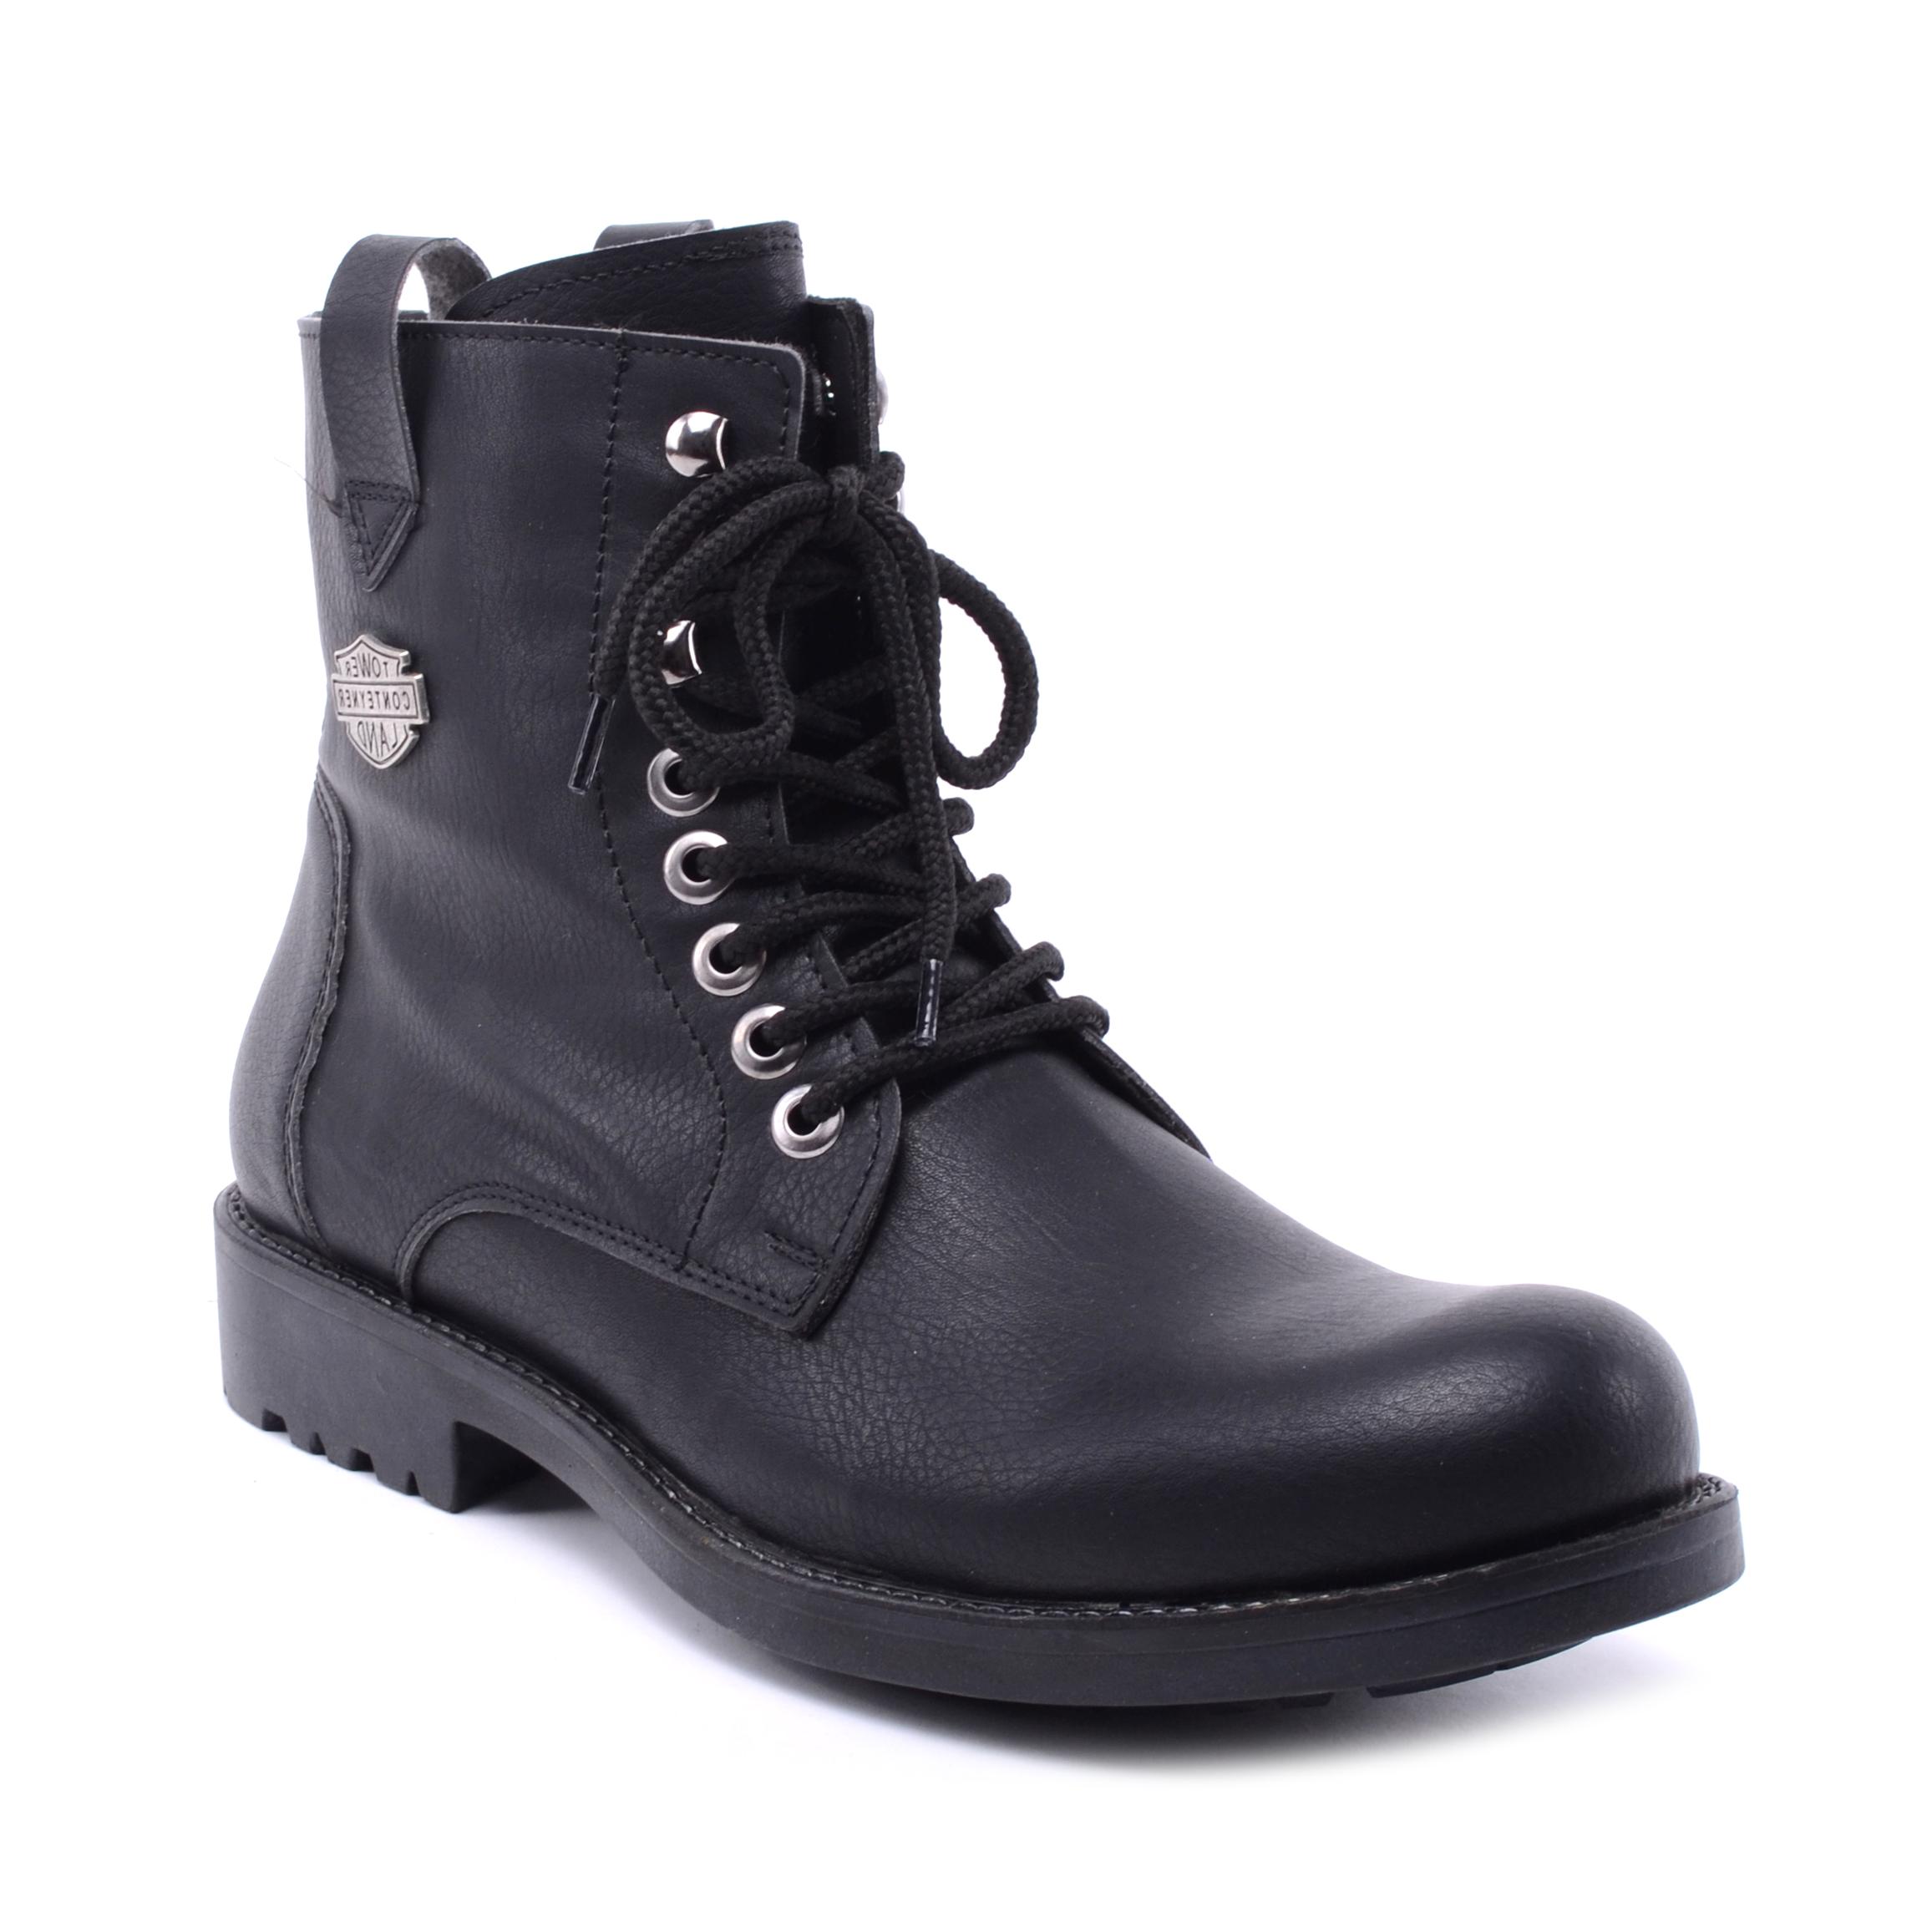 Férfi Műbőr Bakancs Fekete - FÉRFI BAKANCSOK - Női cipő webáruház-női  csizmák 340b1cdcad